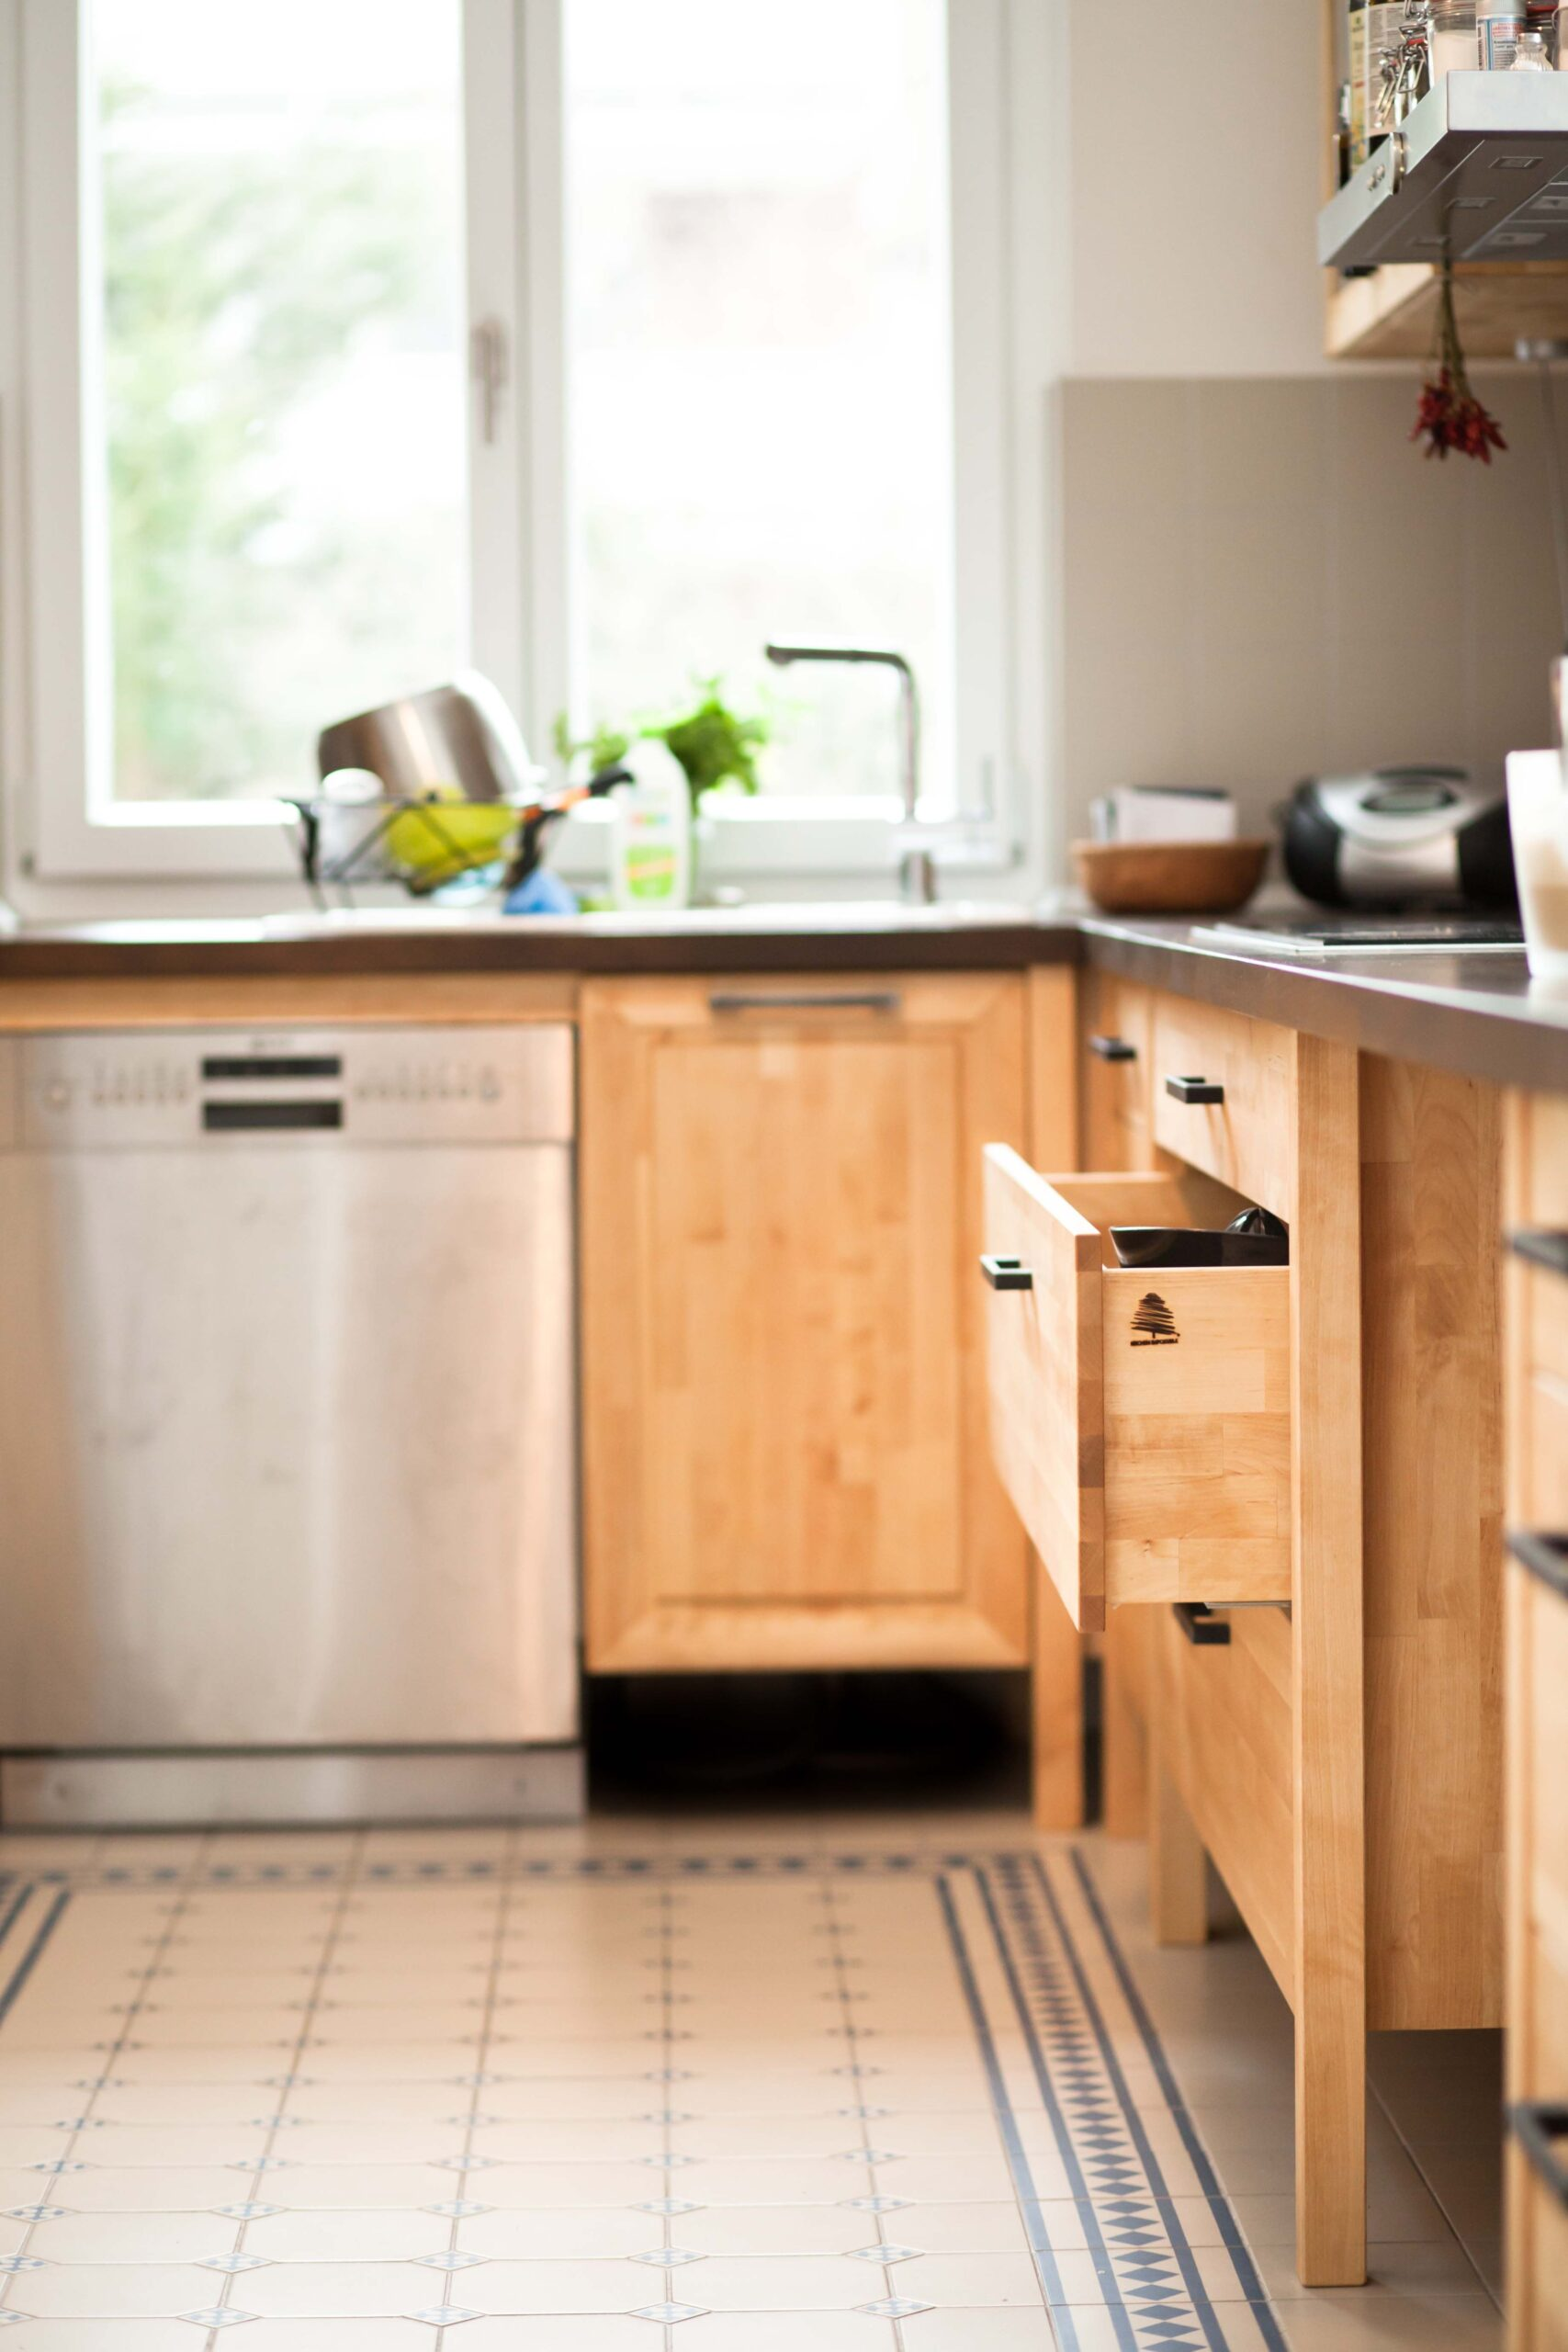 Full Size of Cocoon Modulküche Komplette Kche Aus Massivholz Kchenmodulen Von Einbaukche Holz Ikea Wohnzimmer Cocoon Modulküche